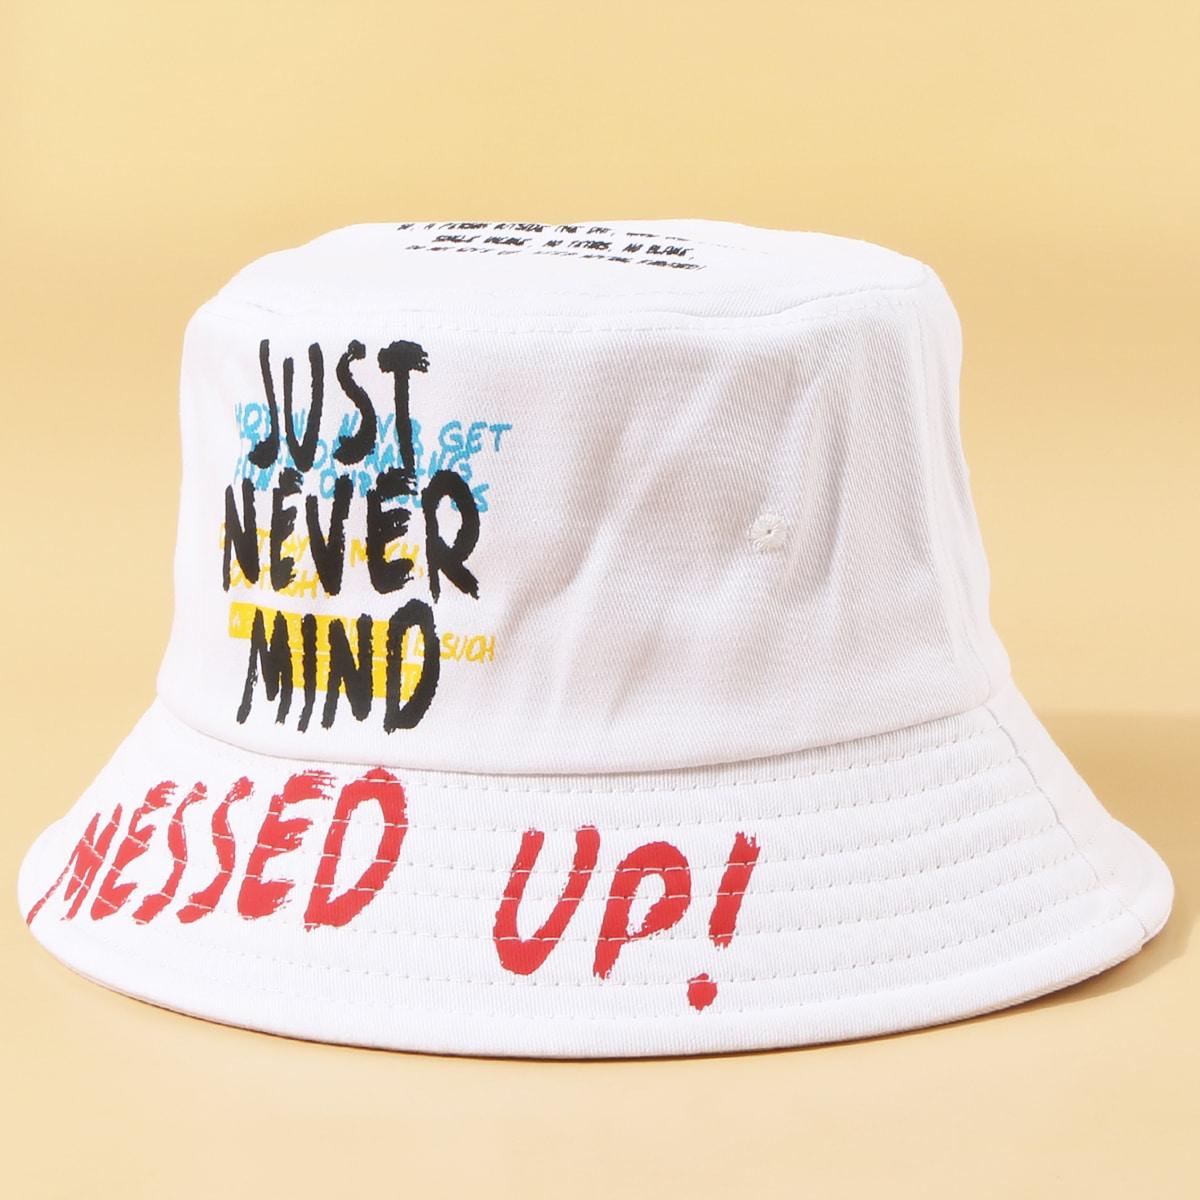 Мужская шляпа с текстовым принтом от SHEIN